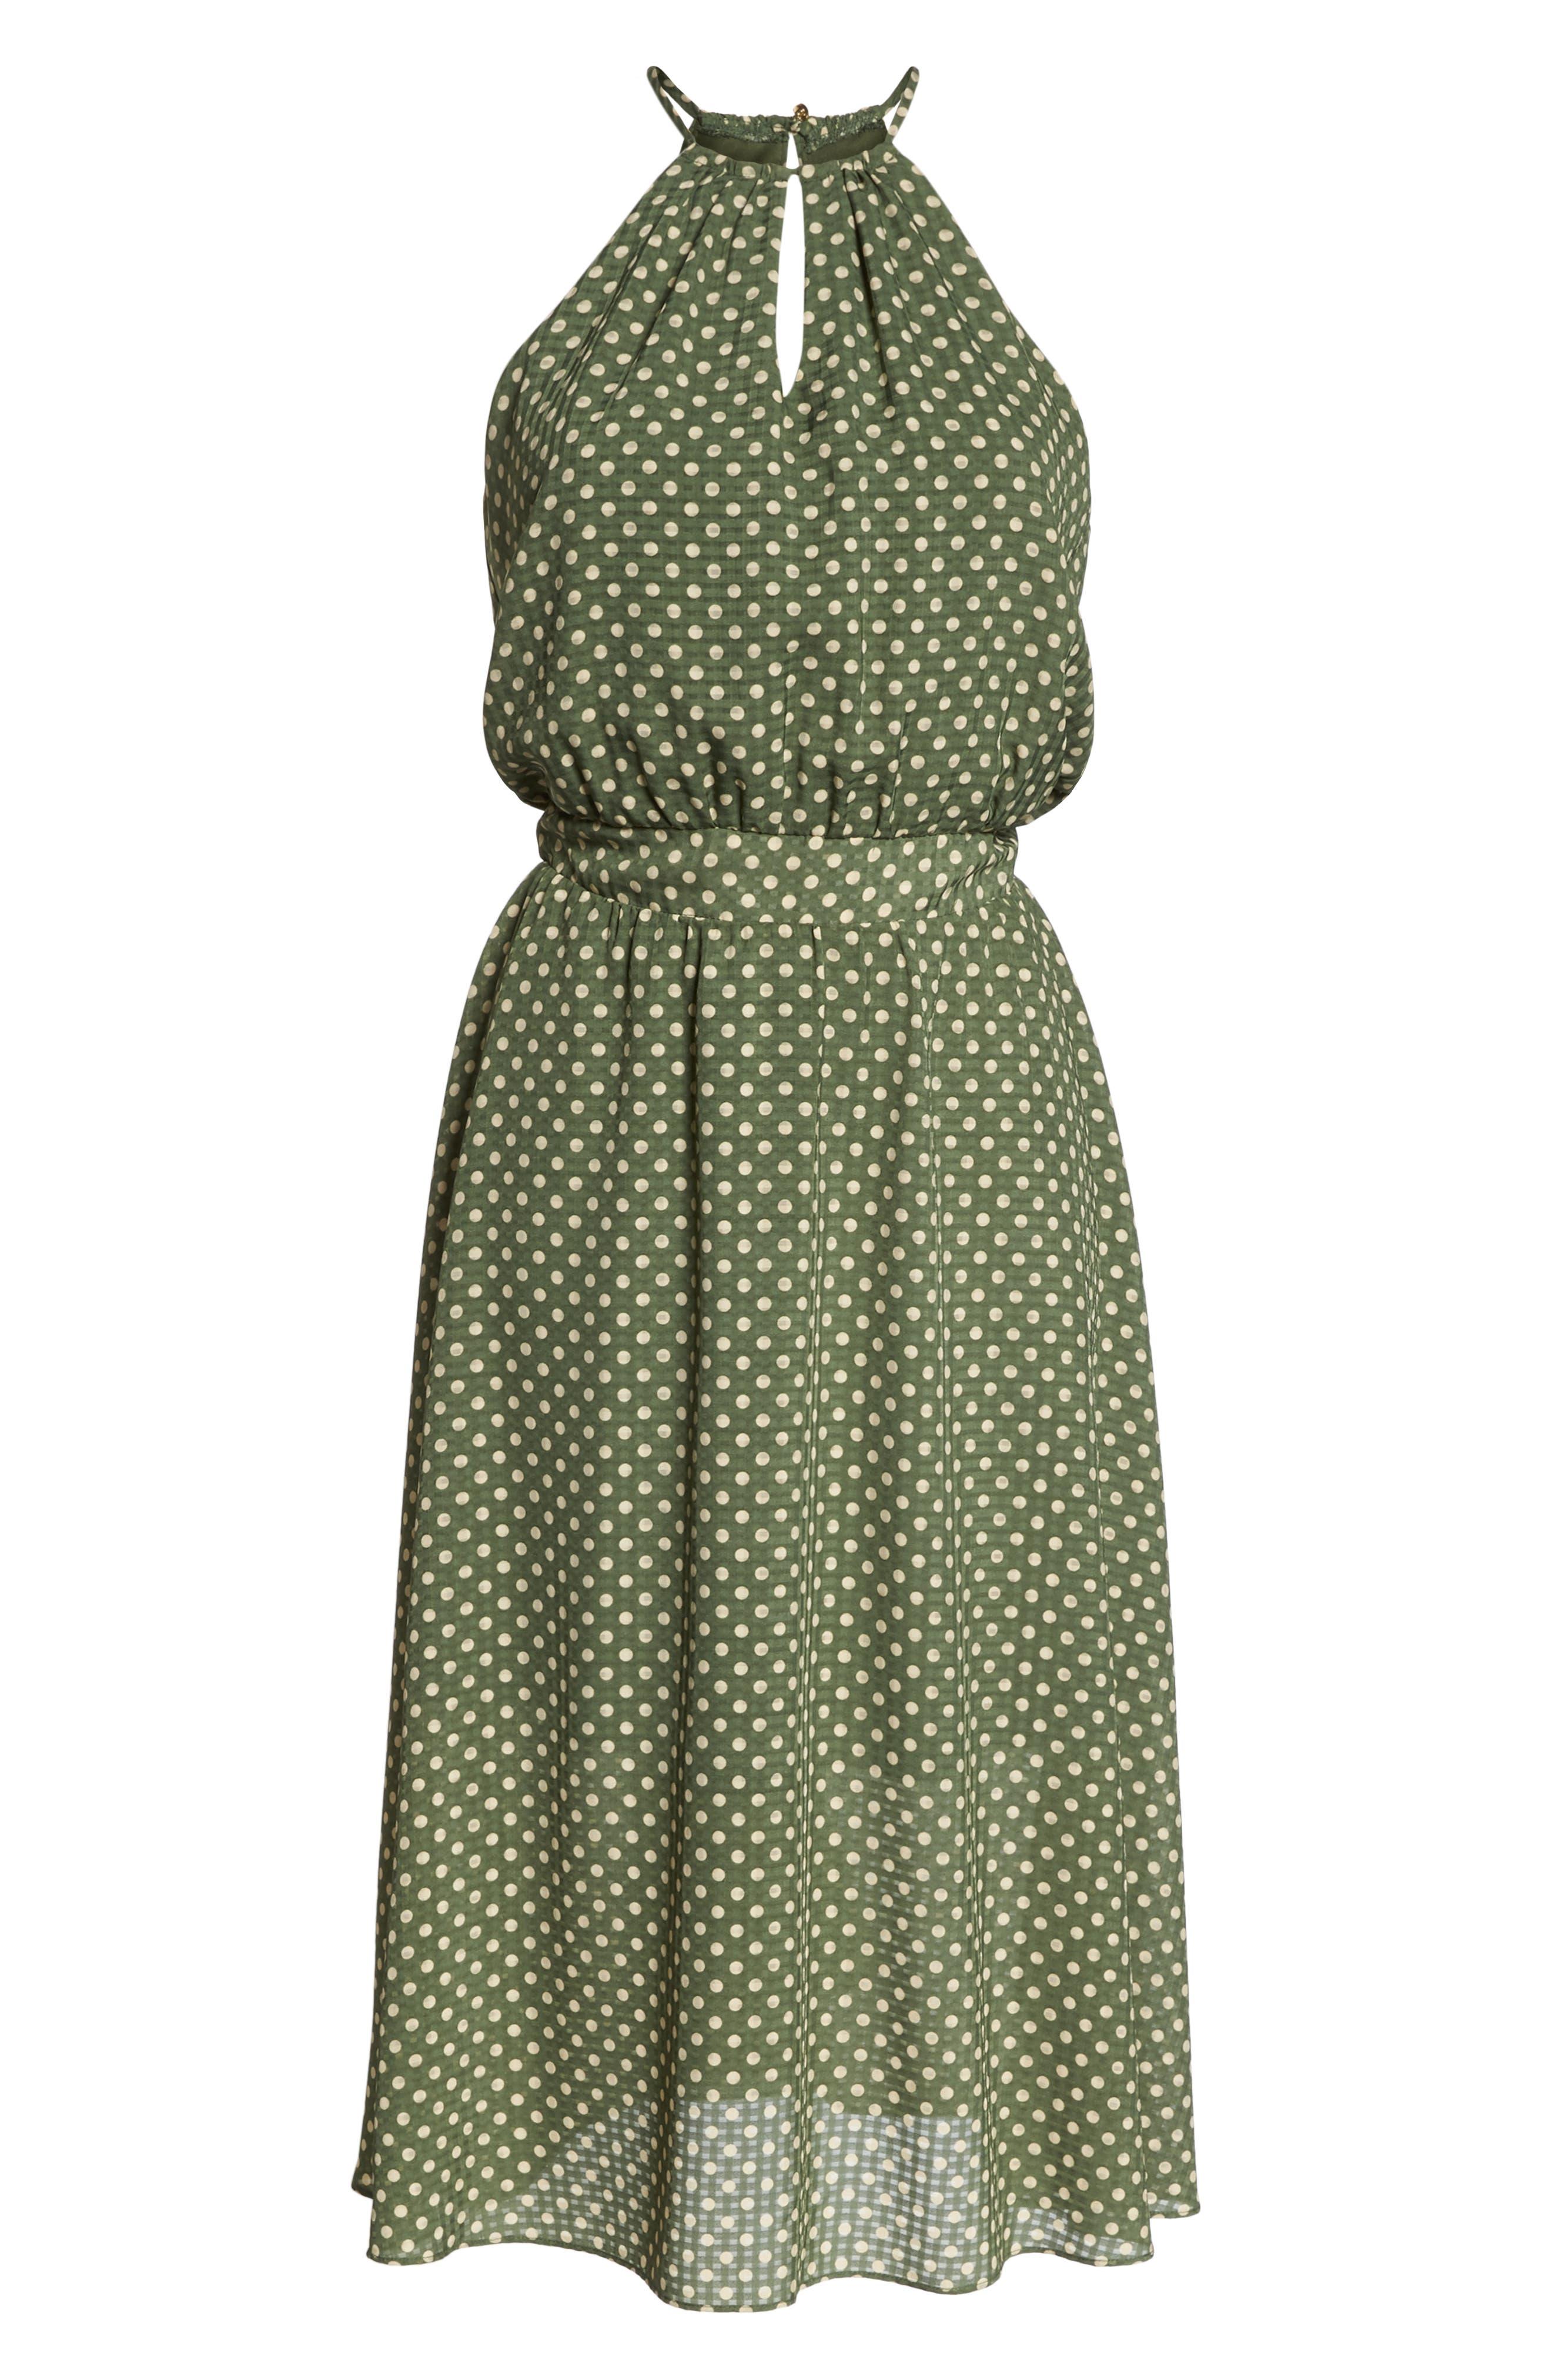 Polka Dot Halter Dress,                             Alternate thumbnail 7, color,                             350